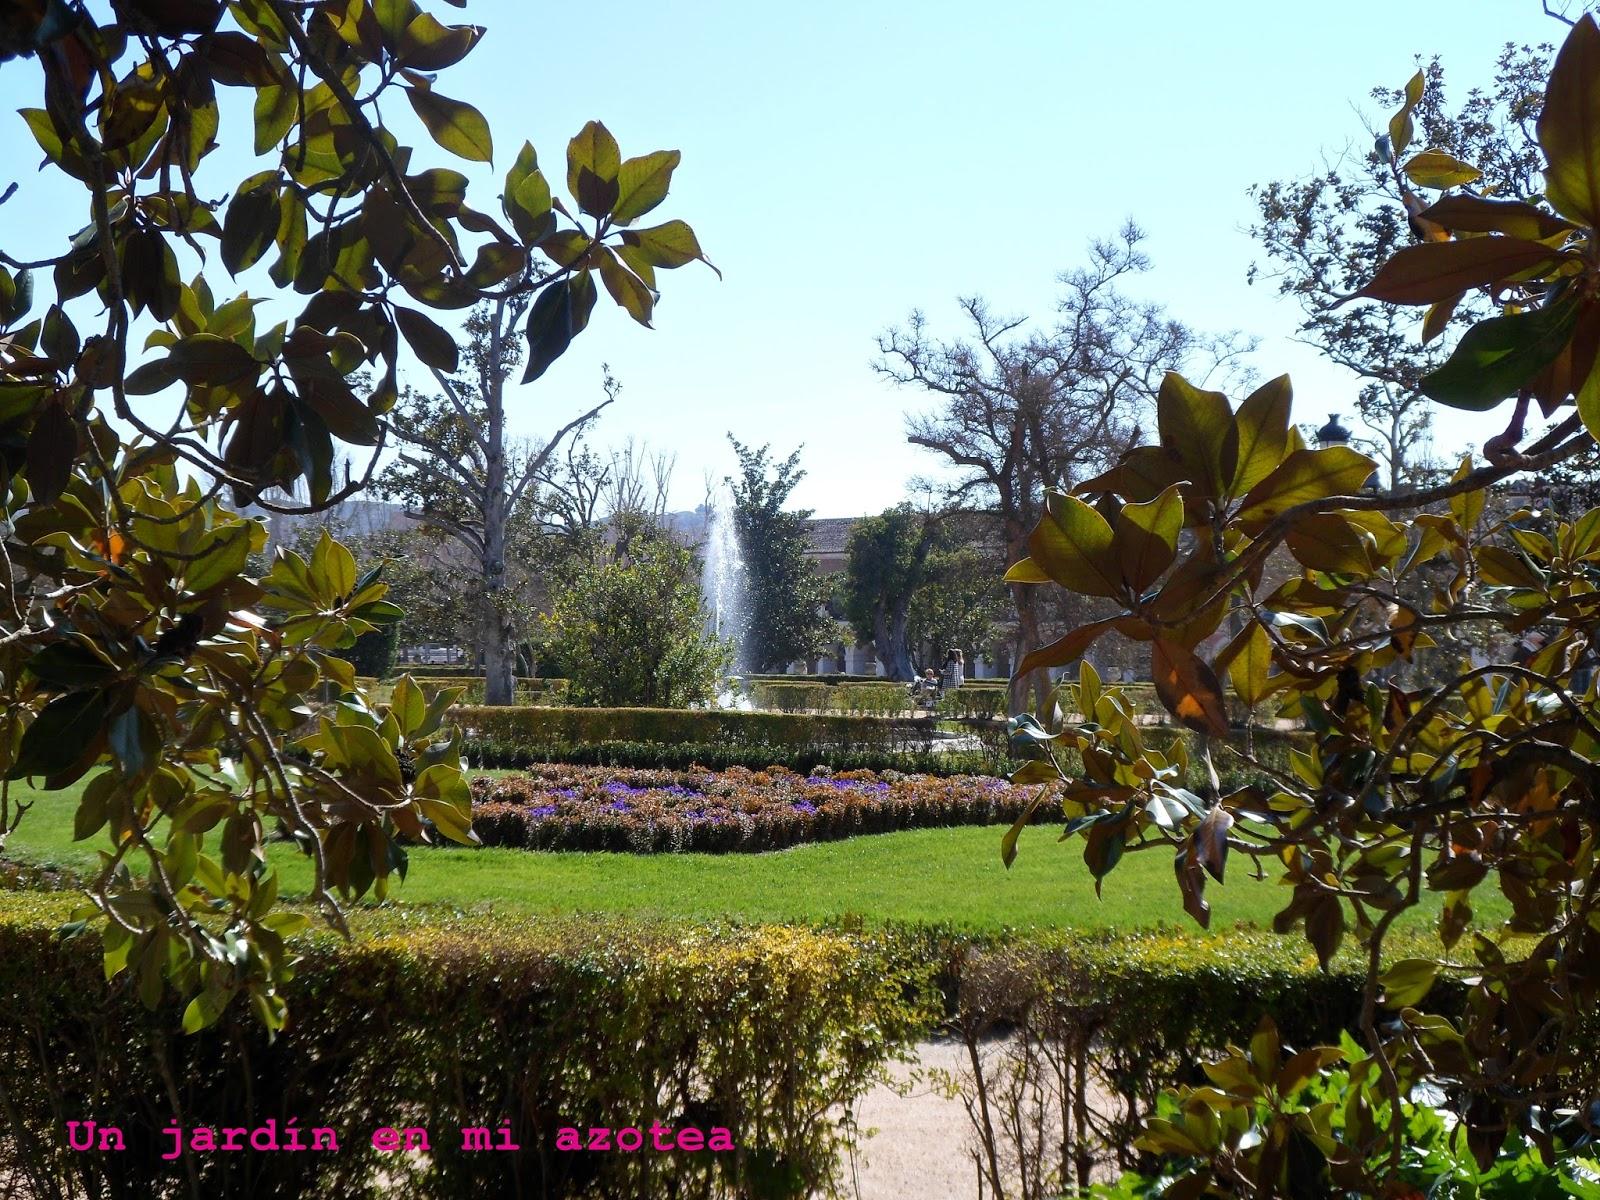 Un jard n en mi azotea el jard n del parterre de aranjuez for El jardin de aranjuez